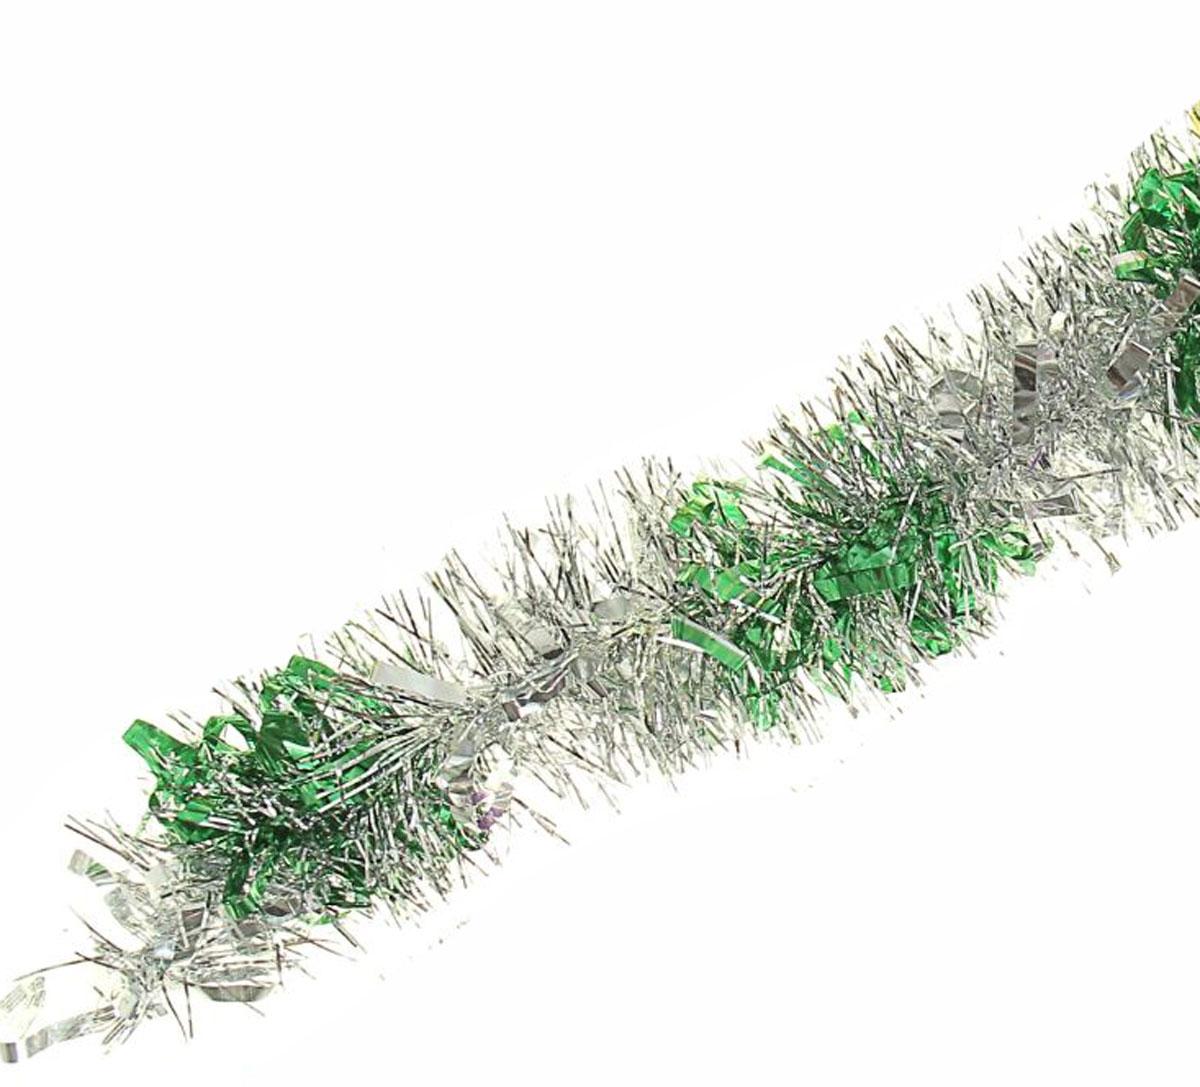 Мишура новогодняя Sima-land, цвет: серебристый, зеленый, диаметр 8 см, длина 200 см. 702578 мишура новогодняя sima land цвет серебристый красный диаметр 4 см длина 200 см 702624